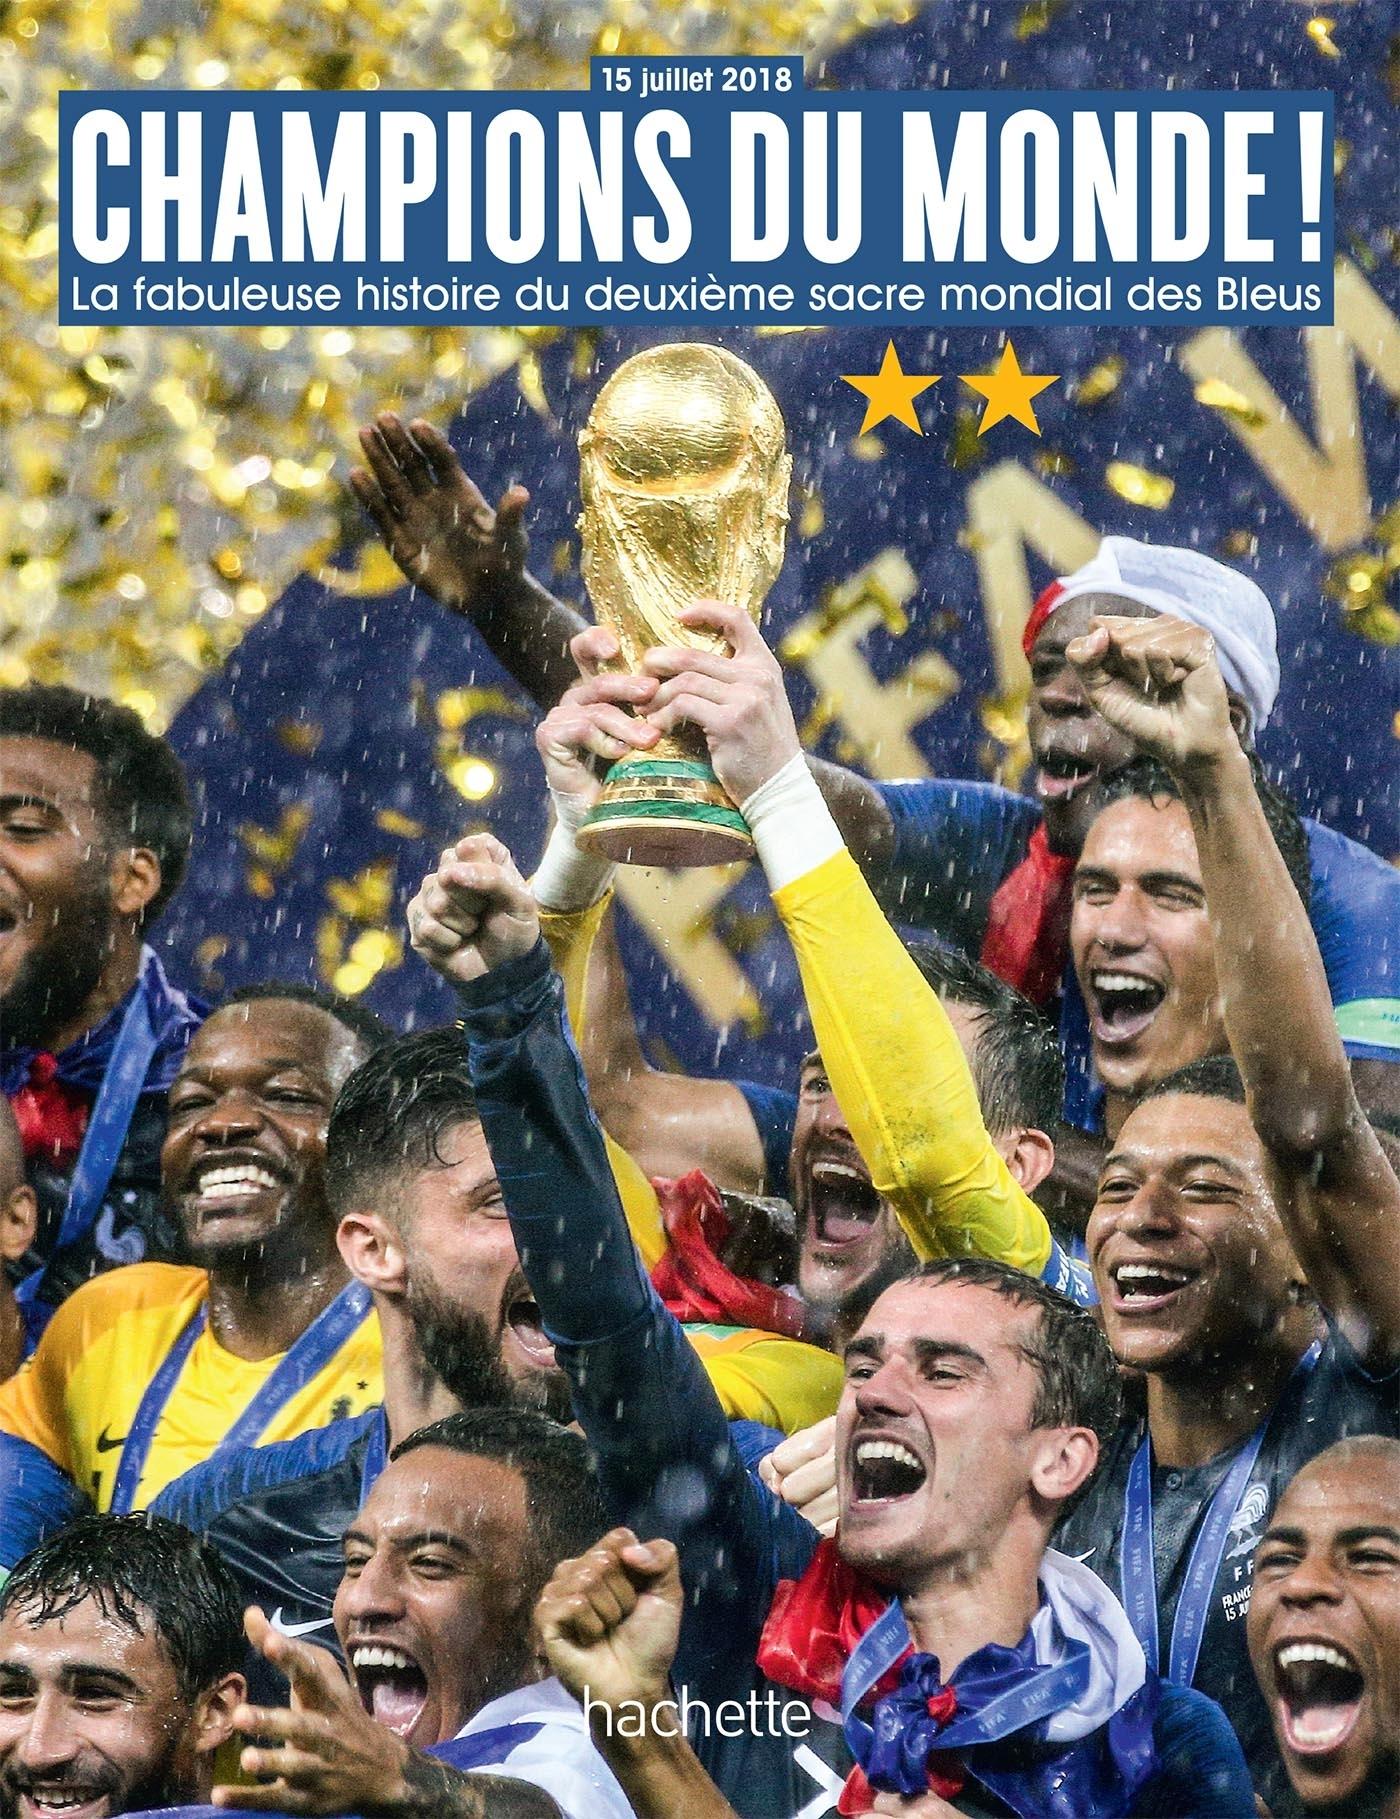 CHAMPIONS DU MONDE LA FABULEUSE HISTOIRE DU DEUXIEME SACRE MONDIAL DE L'EQUIPE DE FRANCE